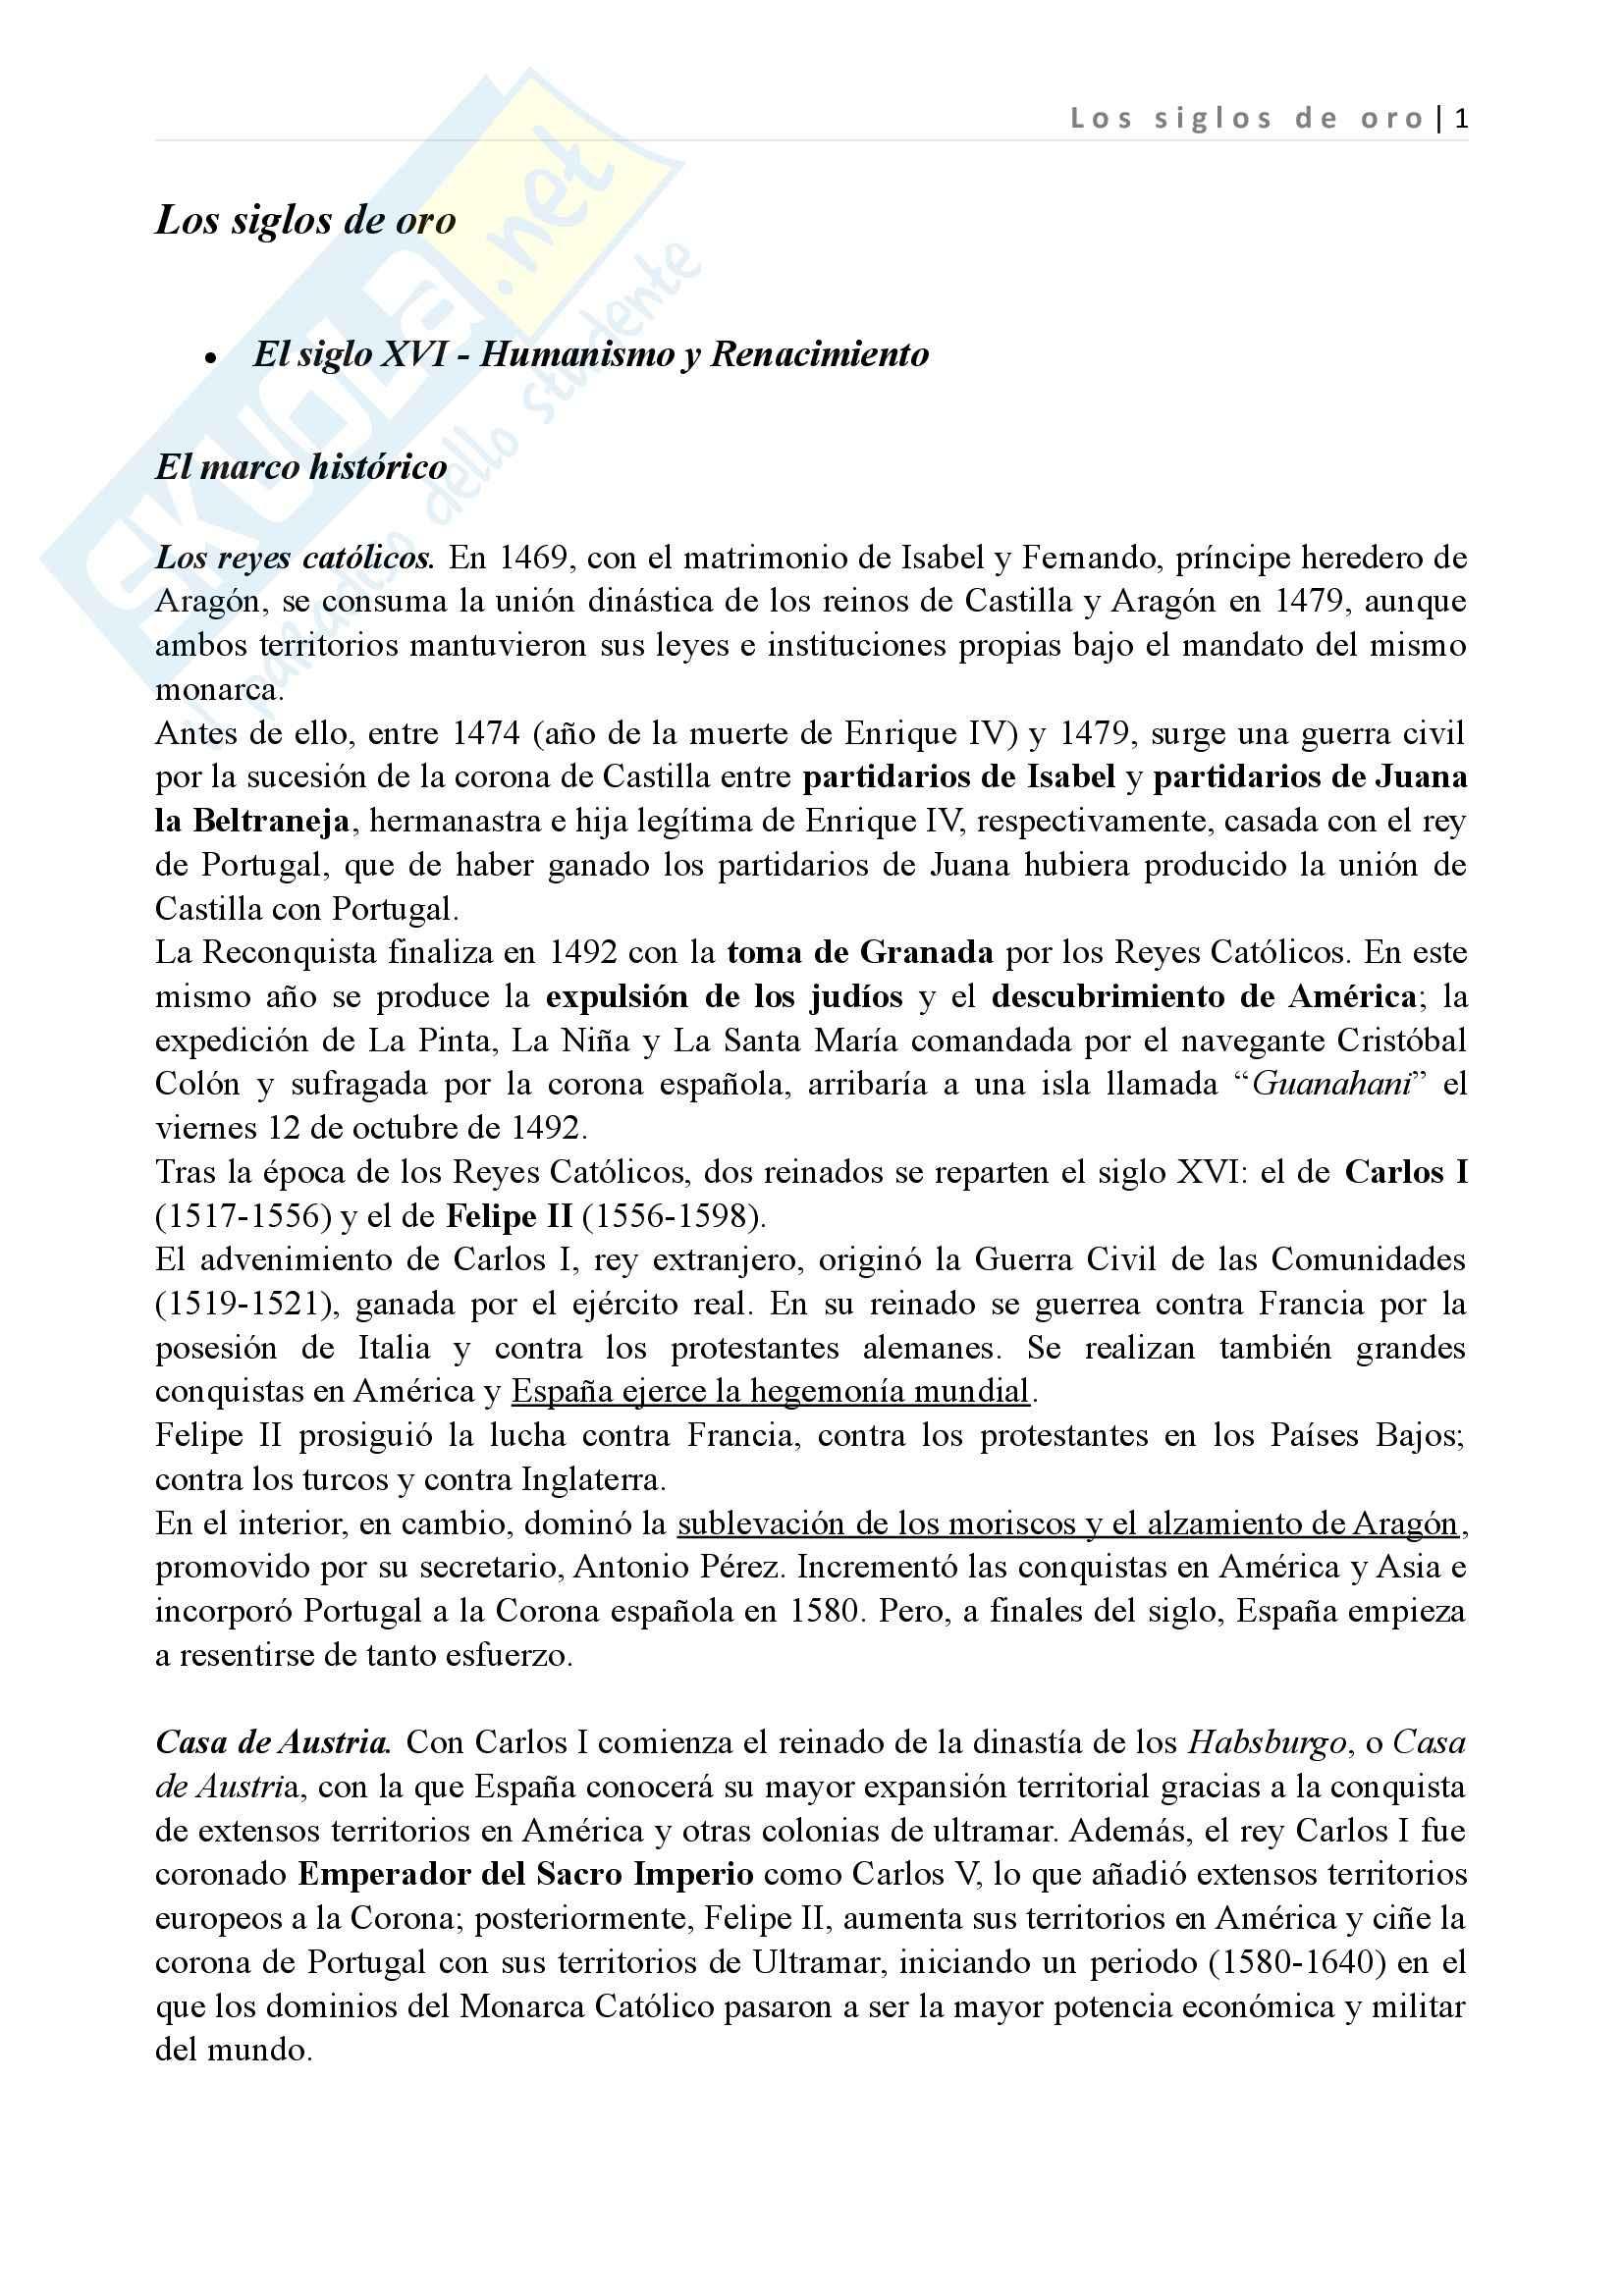 Los siglos de oro, Letteratura spagnola II